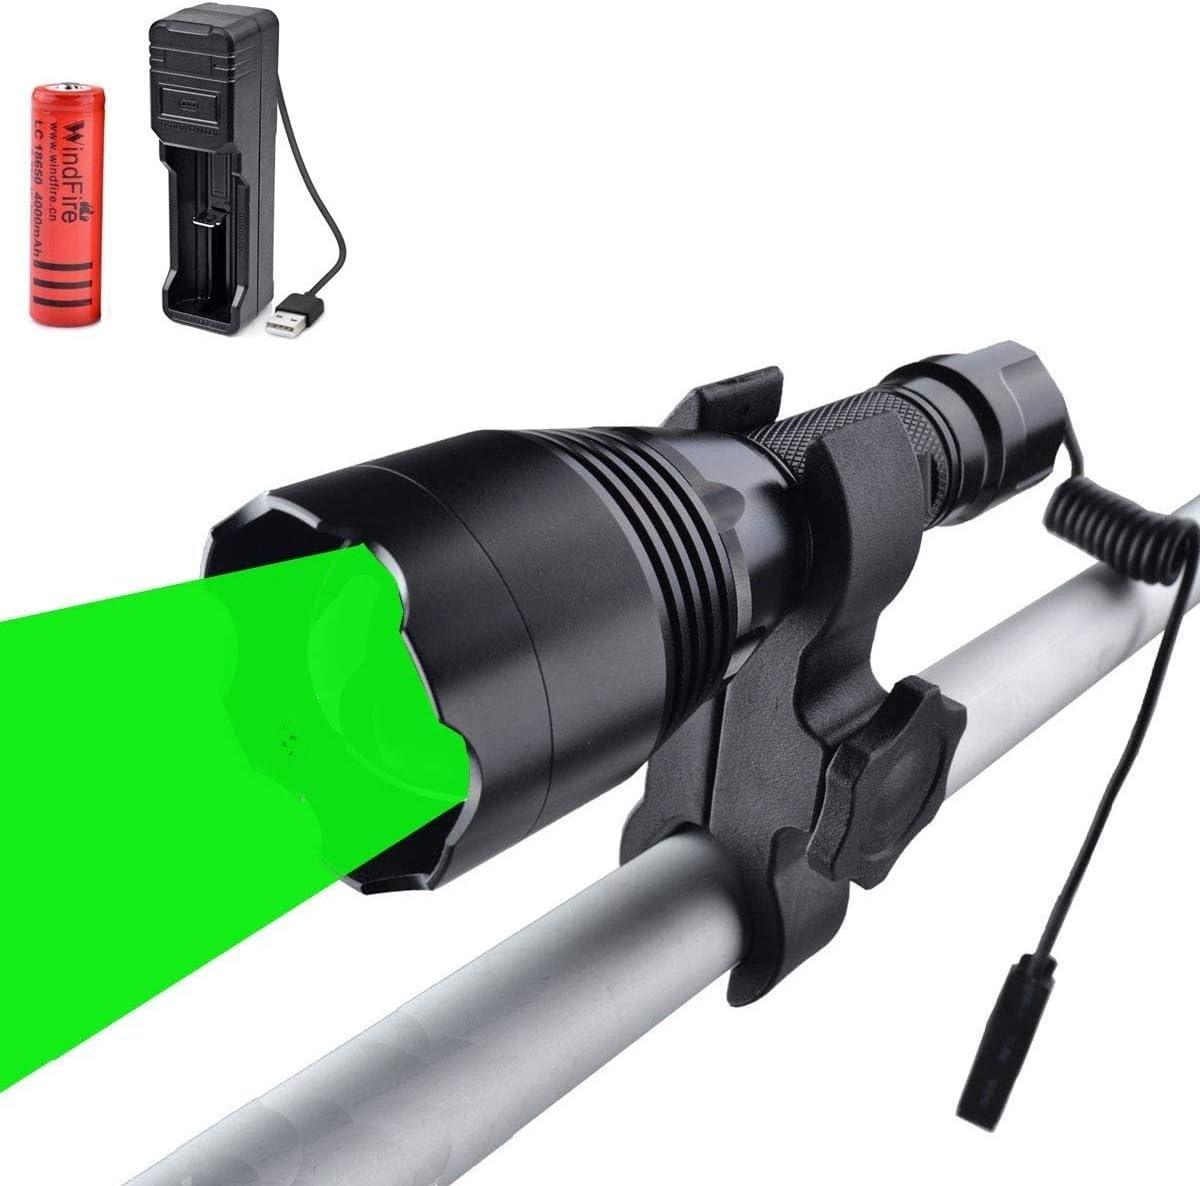 WESLITE Linterna T/áctica Potente 350 Yard Linterna de Caza de Alta Potencia Zoom 1 Modo con Interruptor de Presi/ón y Cargador de Bater/ía para Cazar Coyote Predator Varmint Linterna de Luz Verde